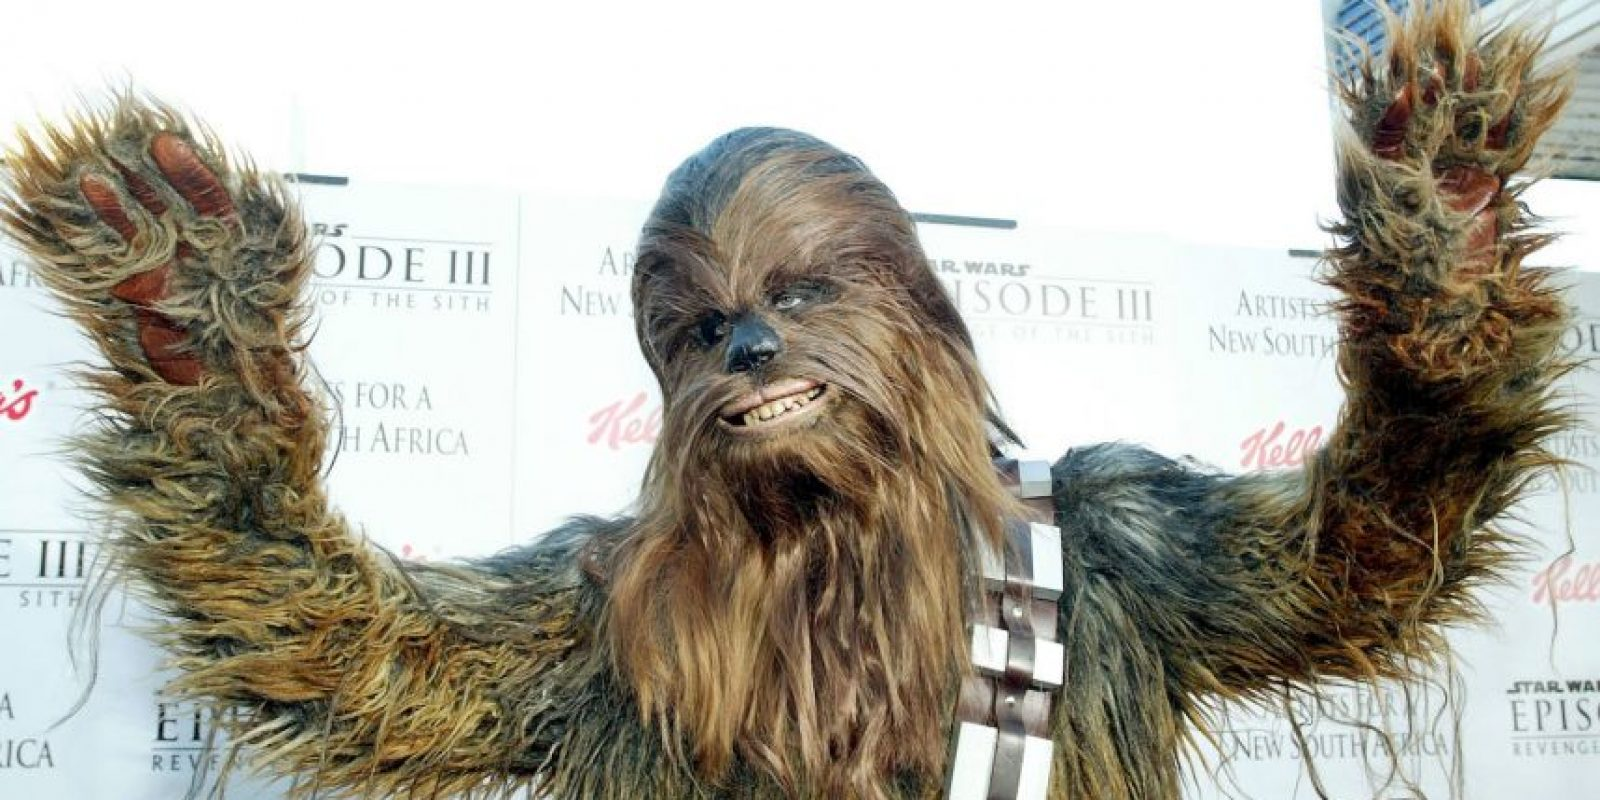 Según los propios comentarios del director, George Lucas, Chewbacca, personaje interpretado en el cine por Peter Mayhew y que destaca por sus impresionantes habilidades para pilotear y reparar, está basado en su perro llamado Indiana Foto:Getty Images